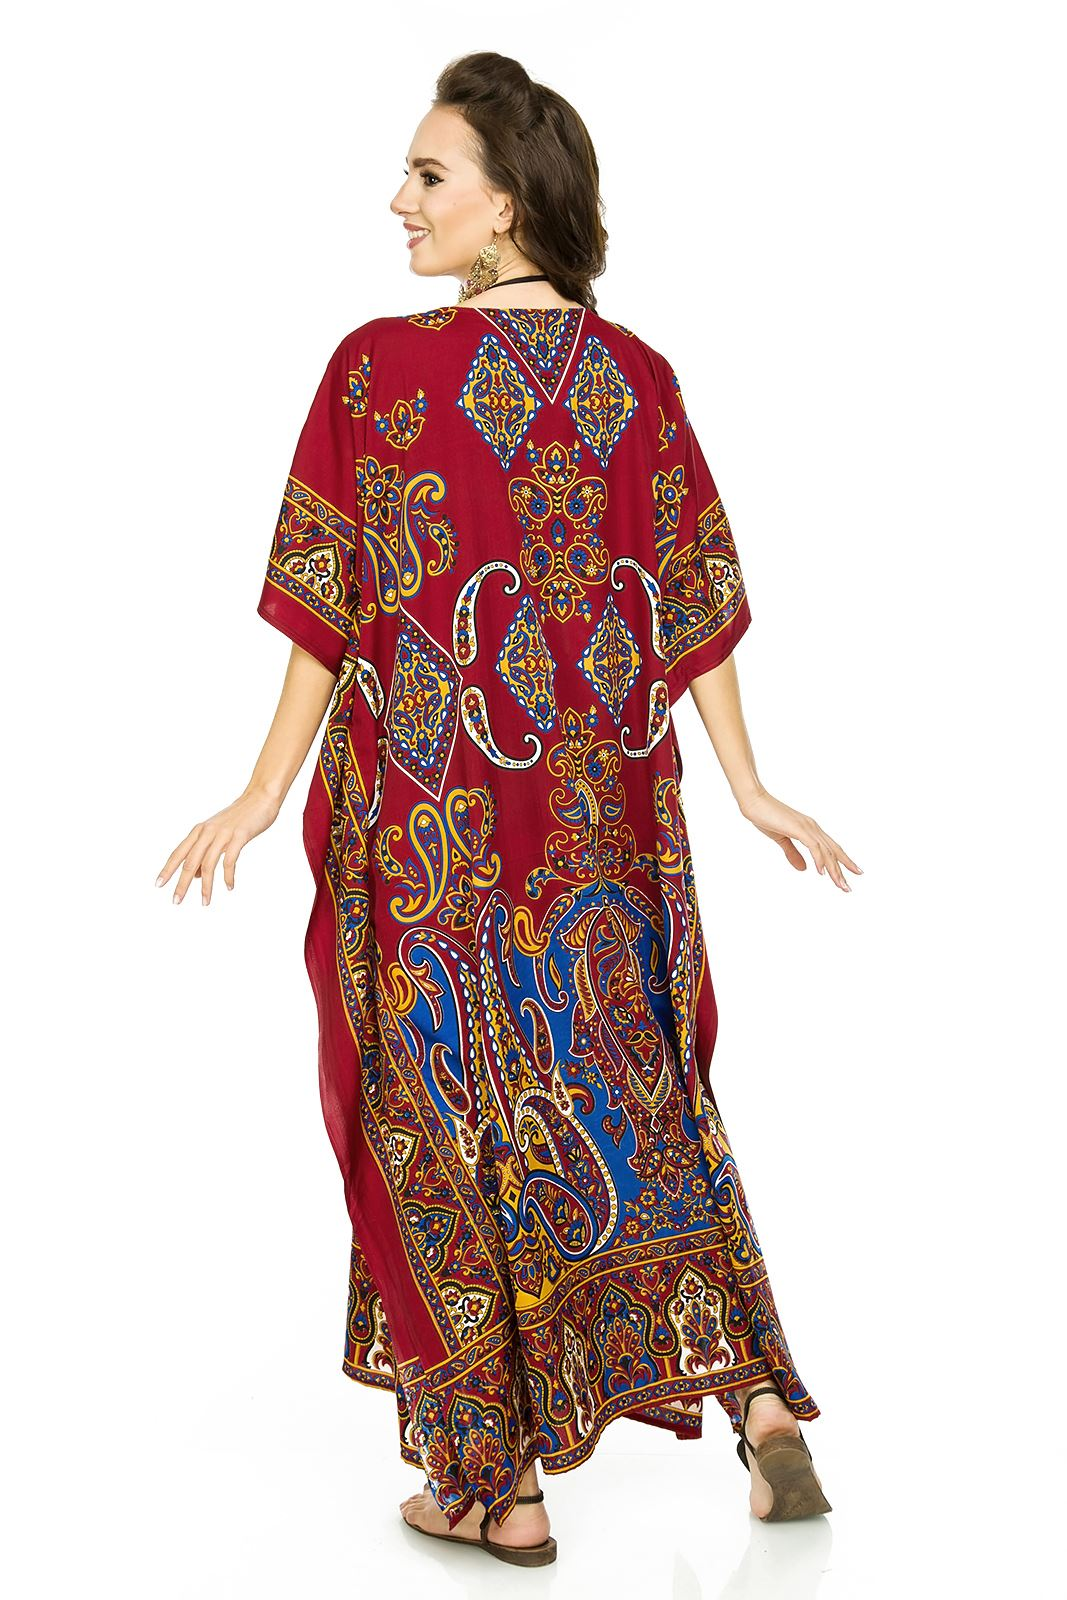 Nuovo Da Donna Oversize Maxi Kimono Kaftan Tunica Abito Caftano Taglia Unica